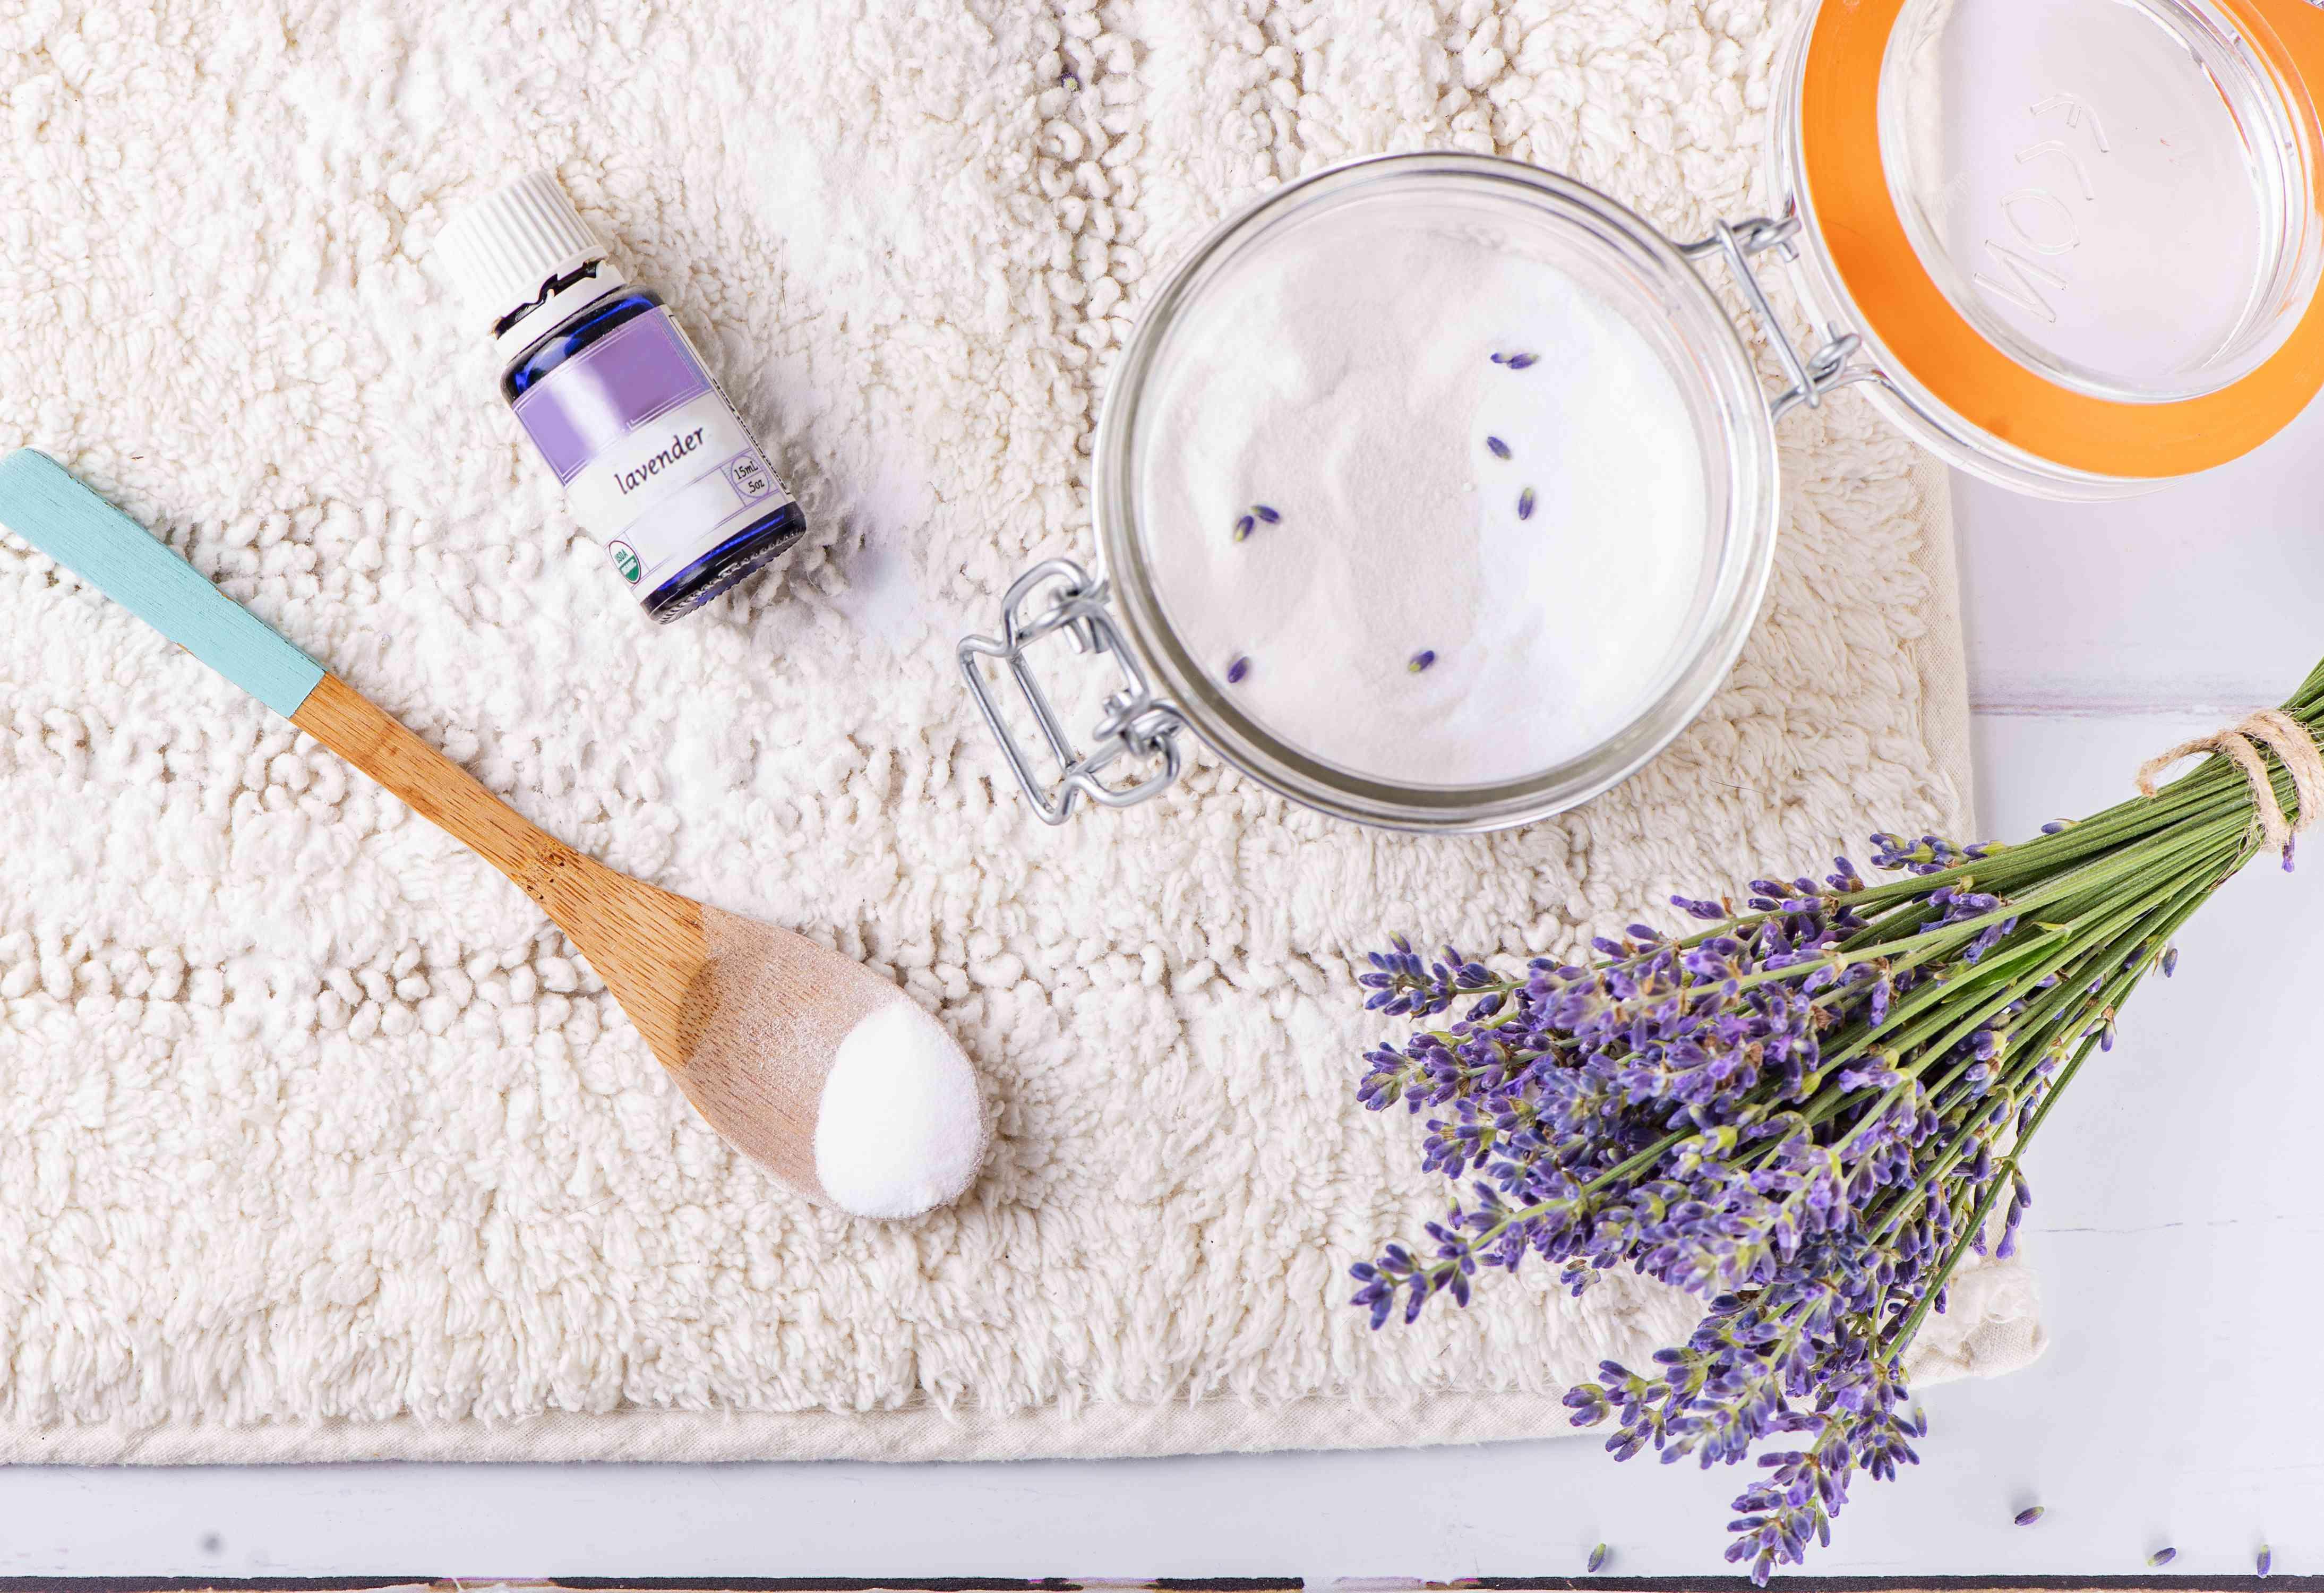 ingredients for lavender rug freshener